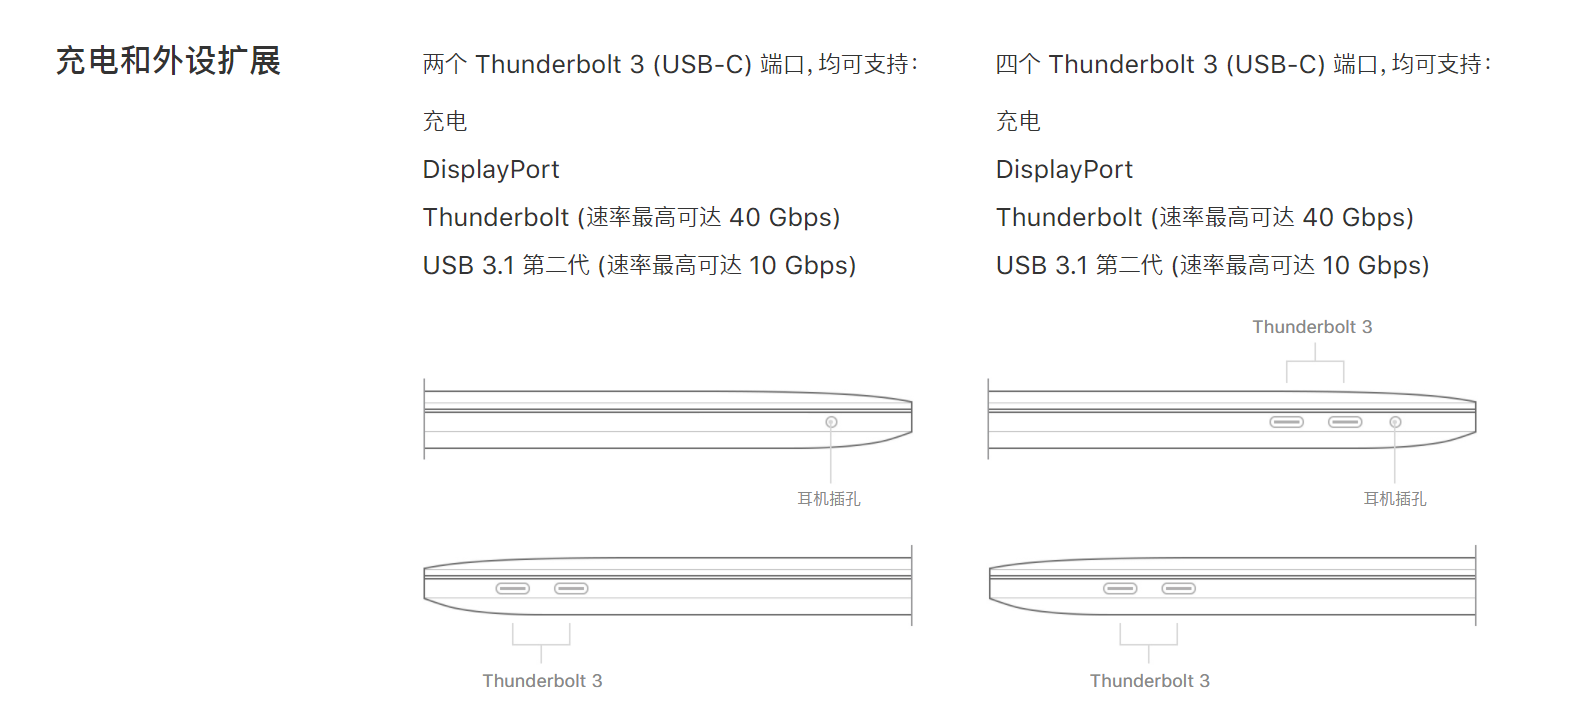 鑻规灉瀹樼綉瀵� MacBook Pro 2017 鎺ュ彛鐨勬弿杩�